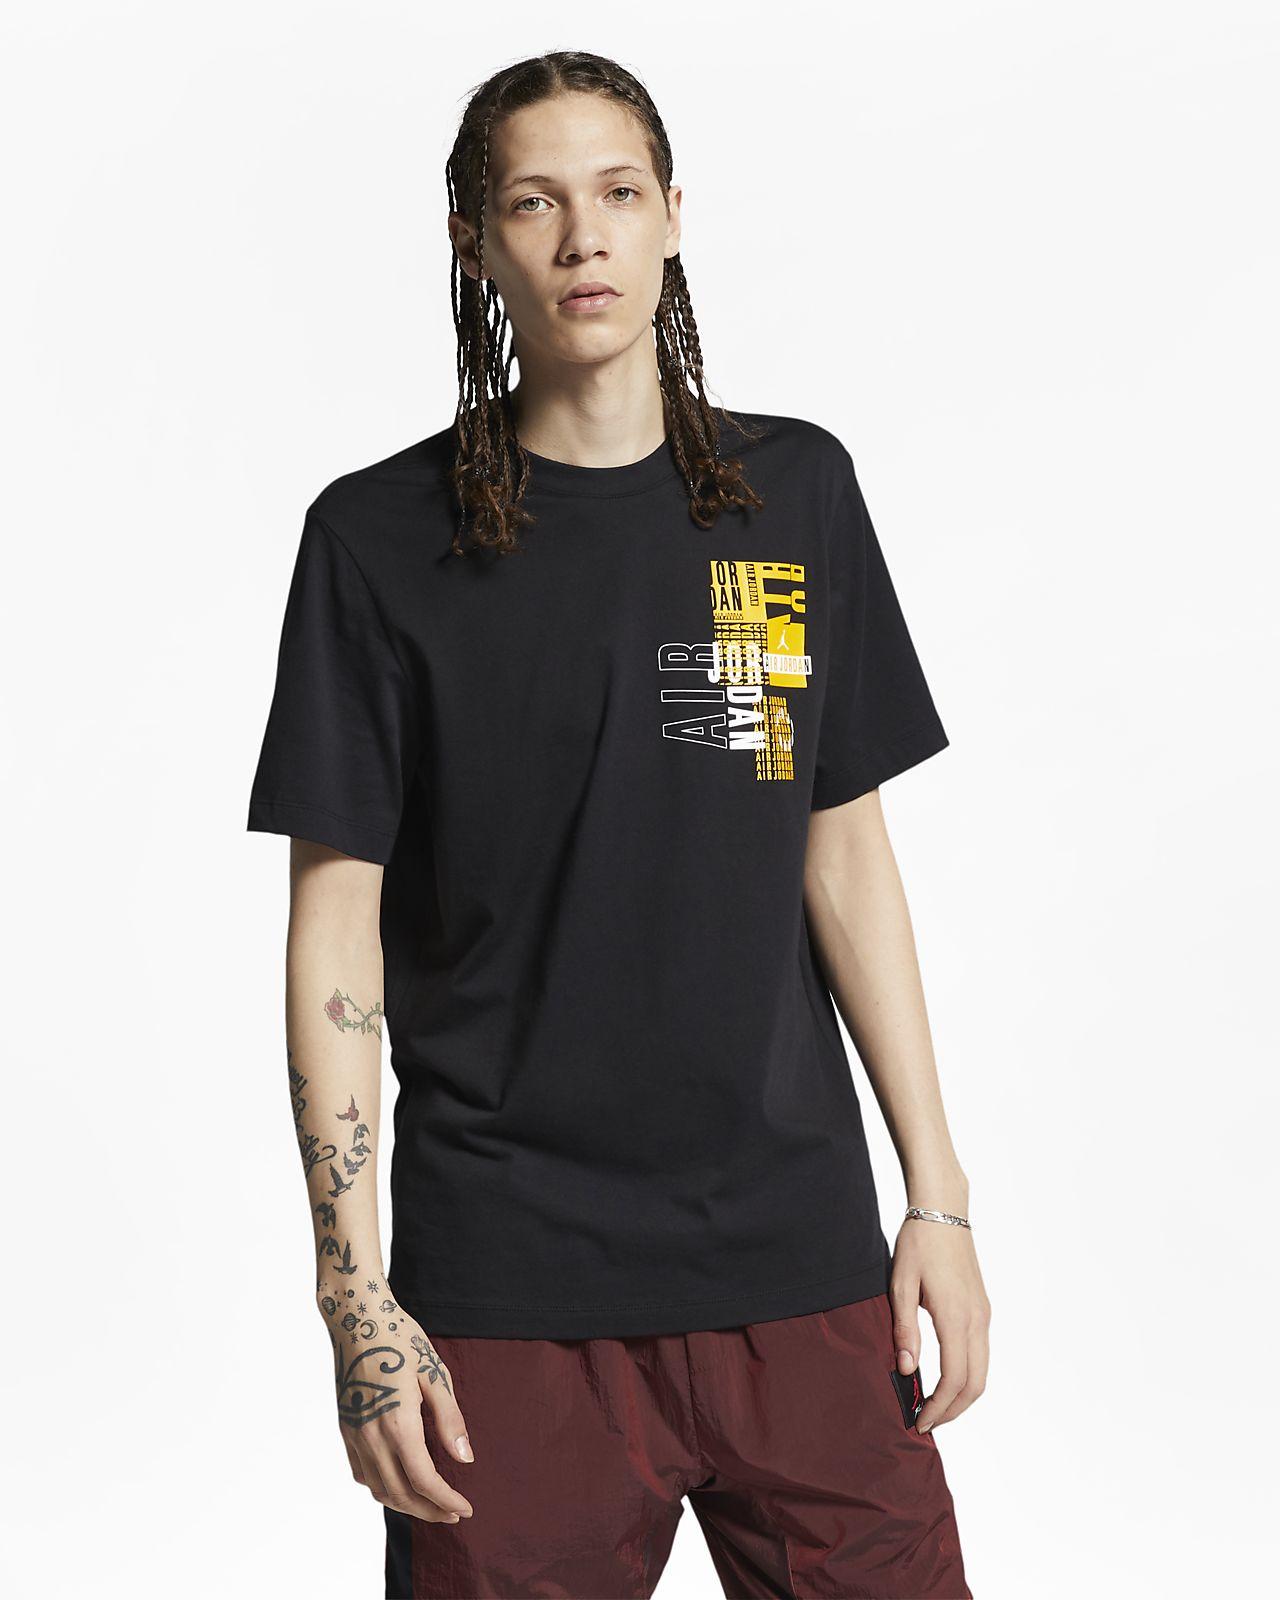 dab02ac39016 Jordan Jumpman Moto Men s T-Shirt. Nike.com IN